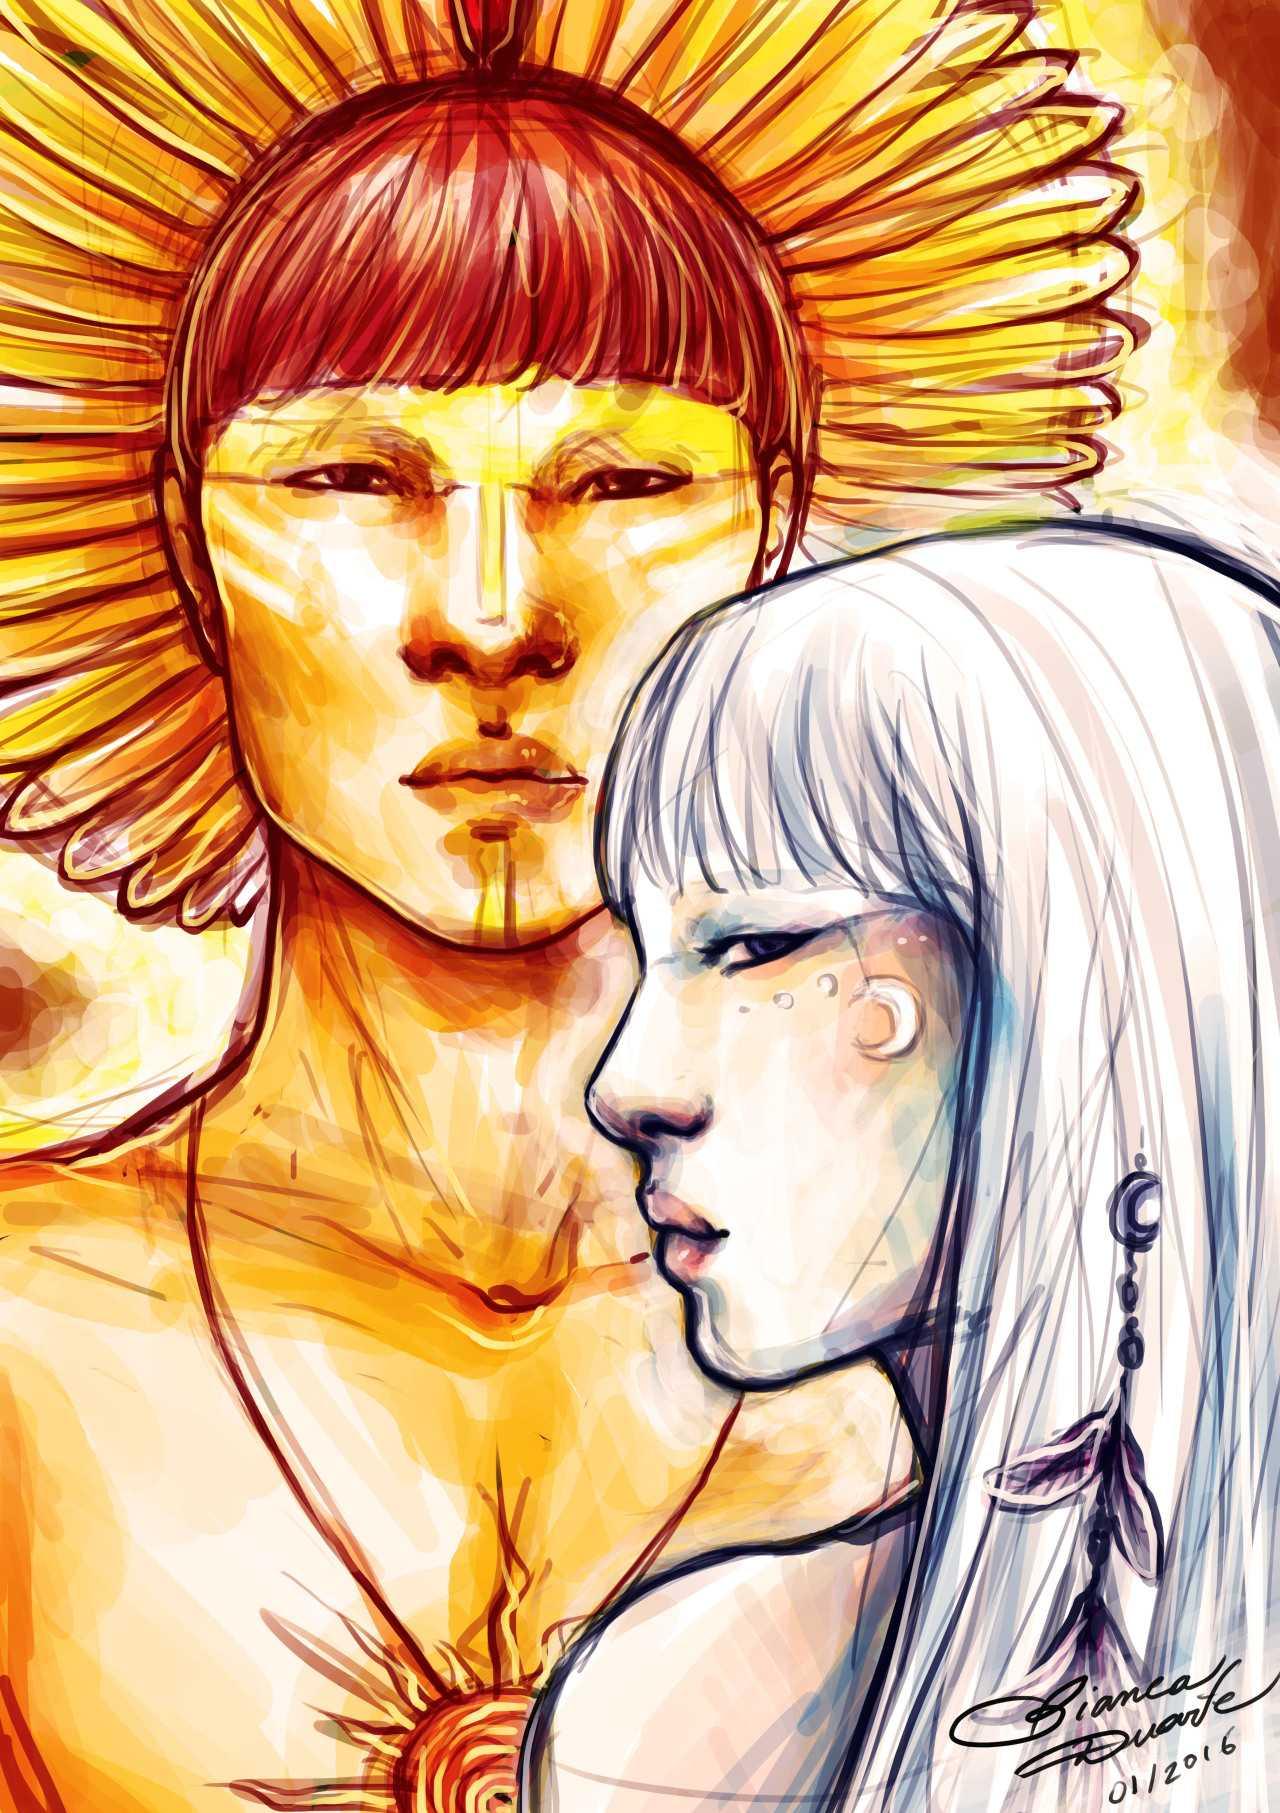 Jaci e Guaraci, a Lua e o Sol ;) Os gêmeos são os primeiros deuses criados por Tupã, o deus dos raios, e regem os seres vivos. Espero que gostem!  / Ilustração Bianca Duarte